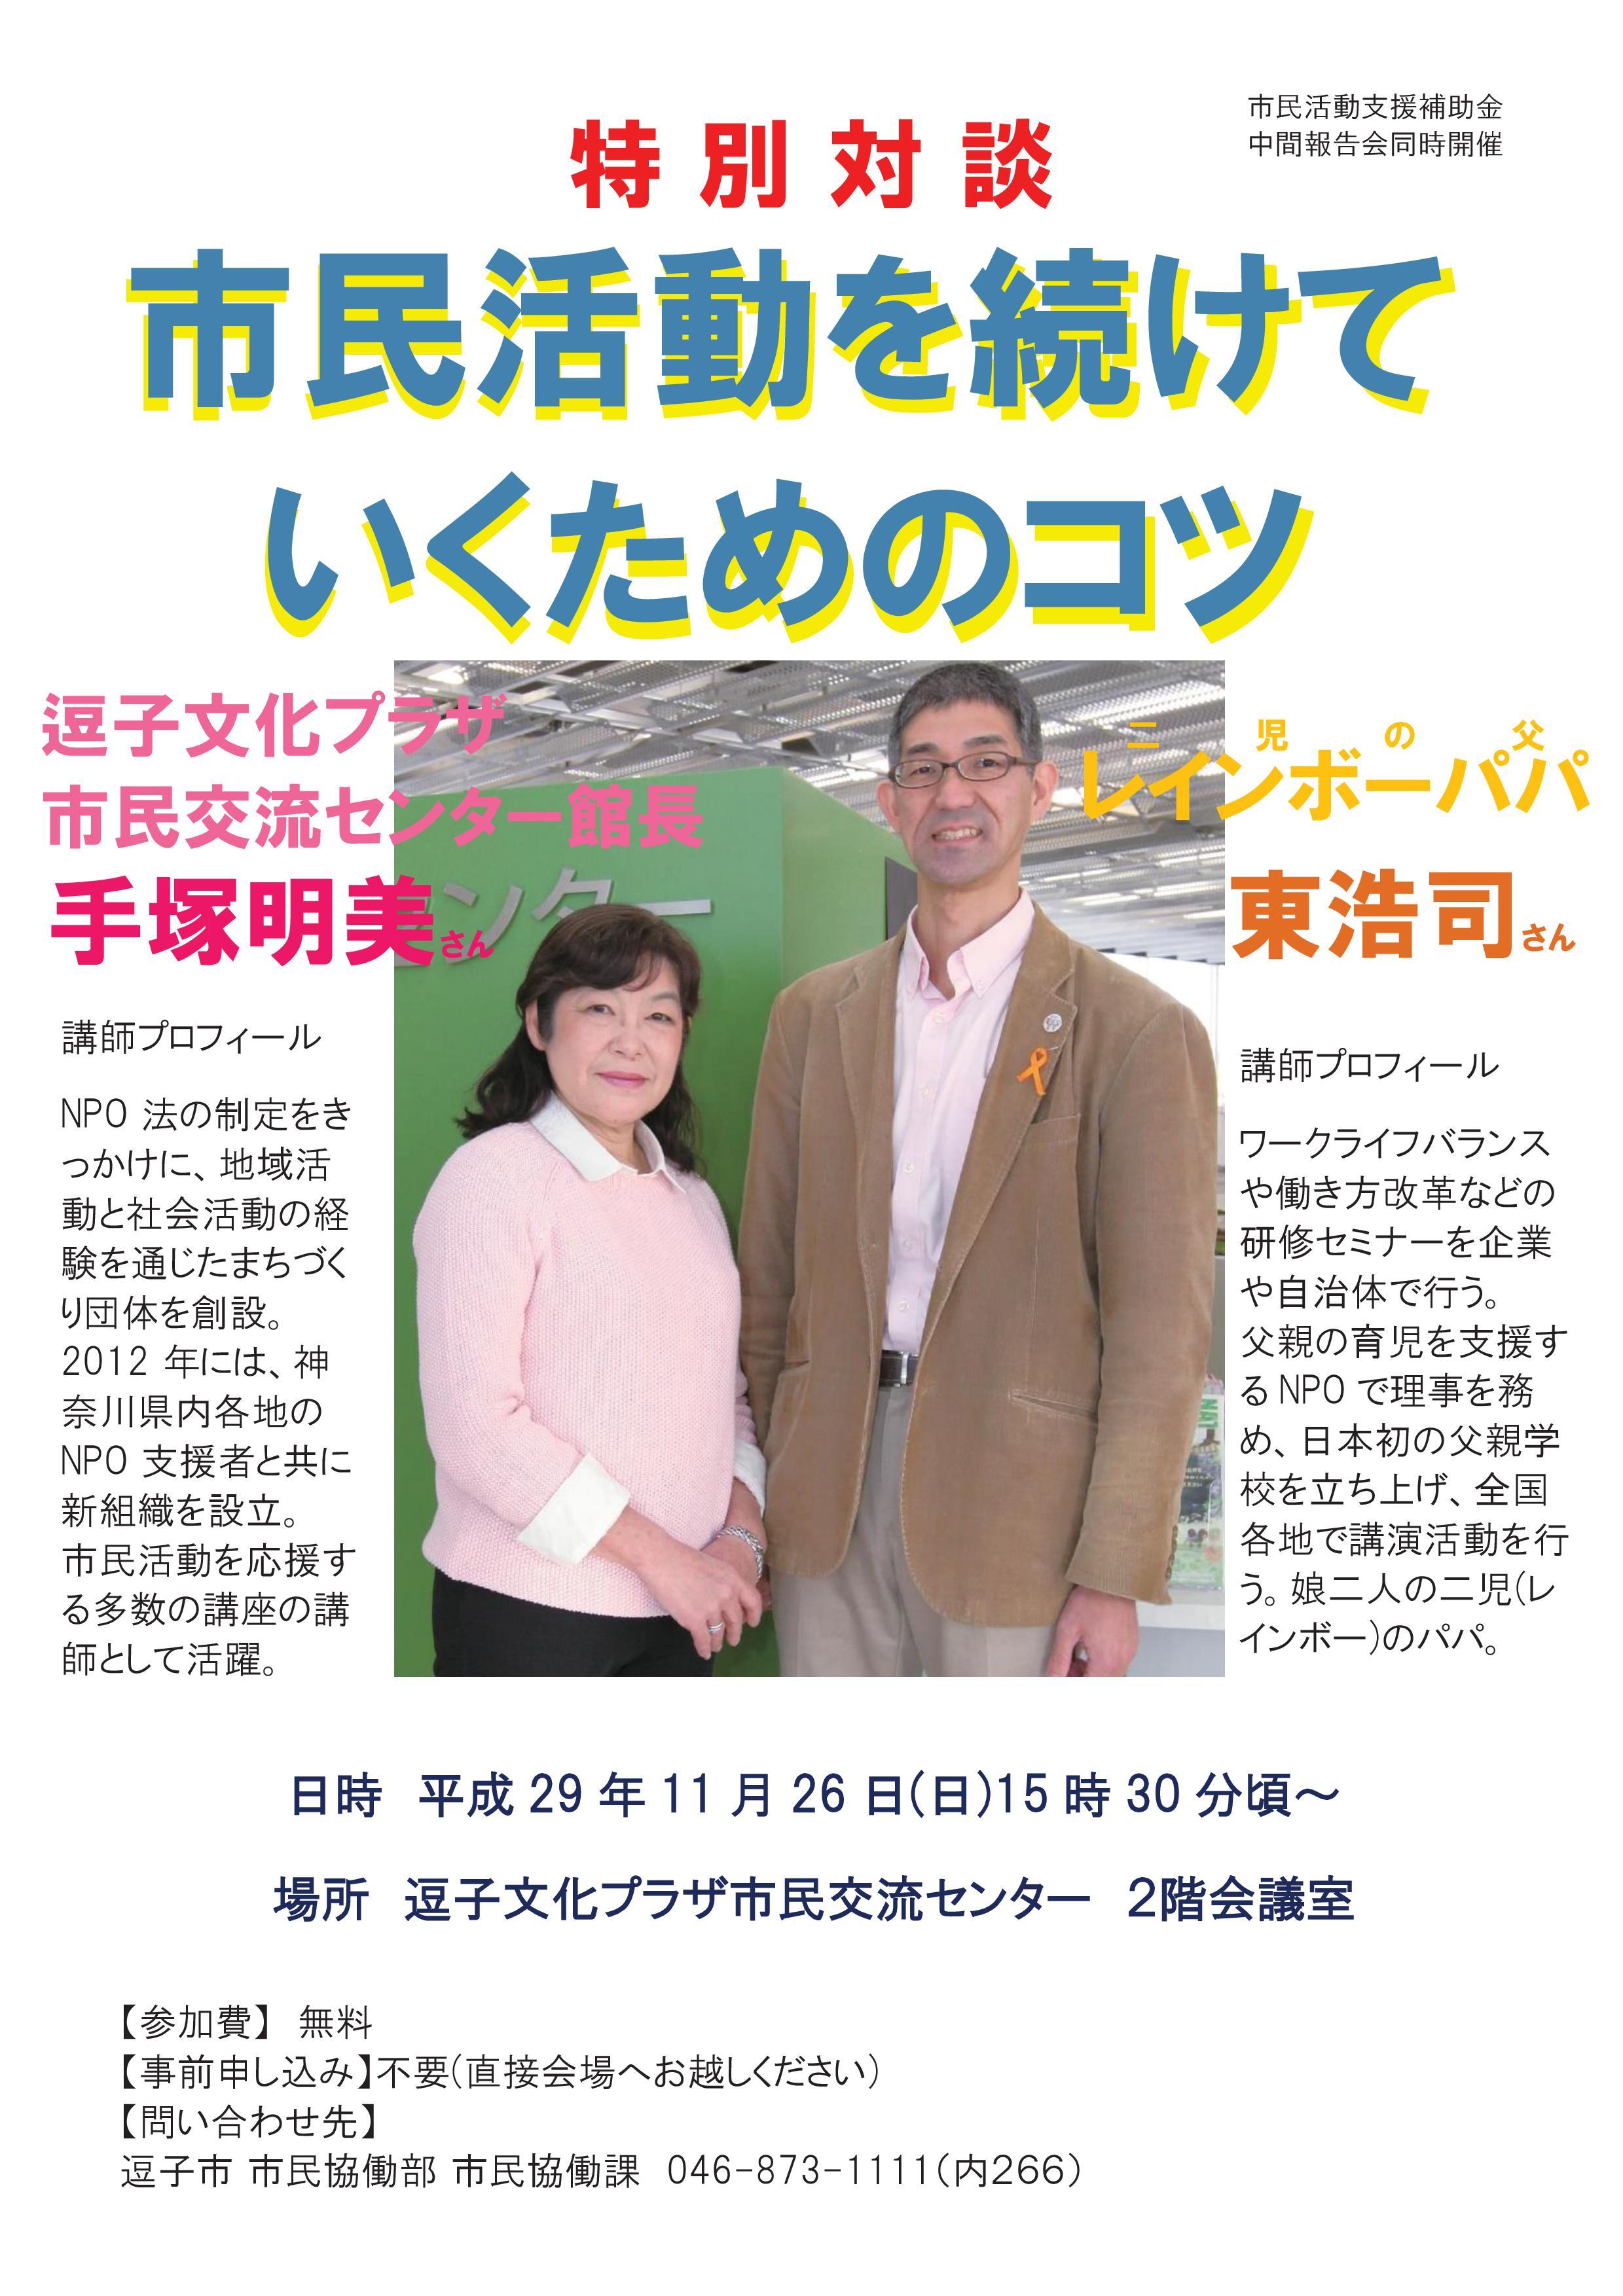 11月26日(日)交流センターフェアで手塚館長と対談「市民活動を続けていくためのコツ」